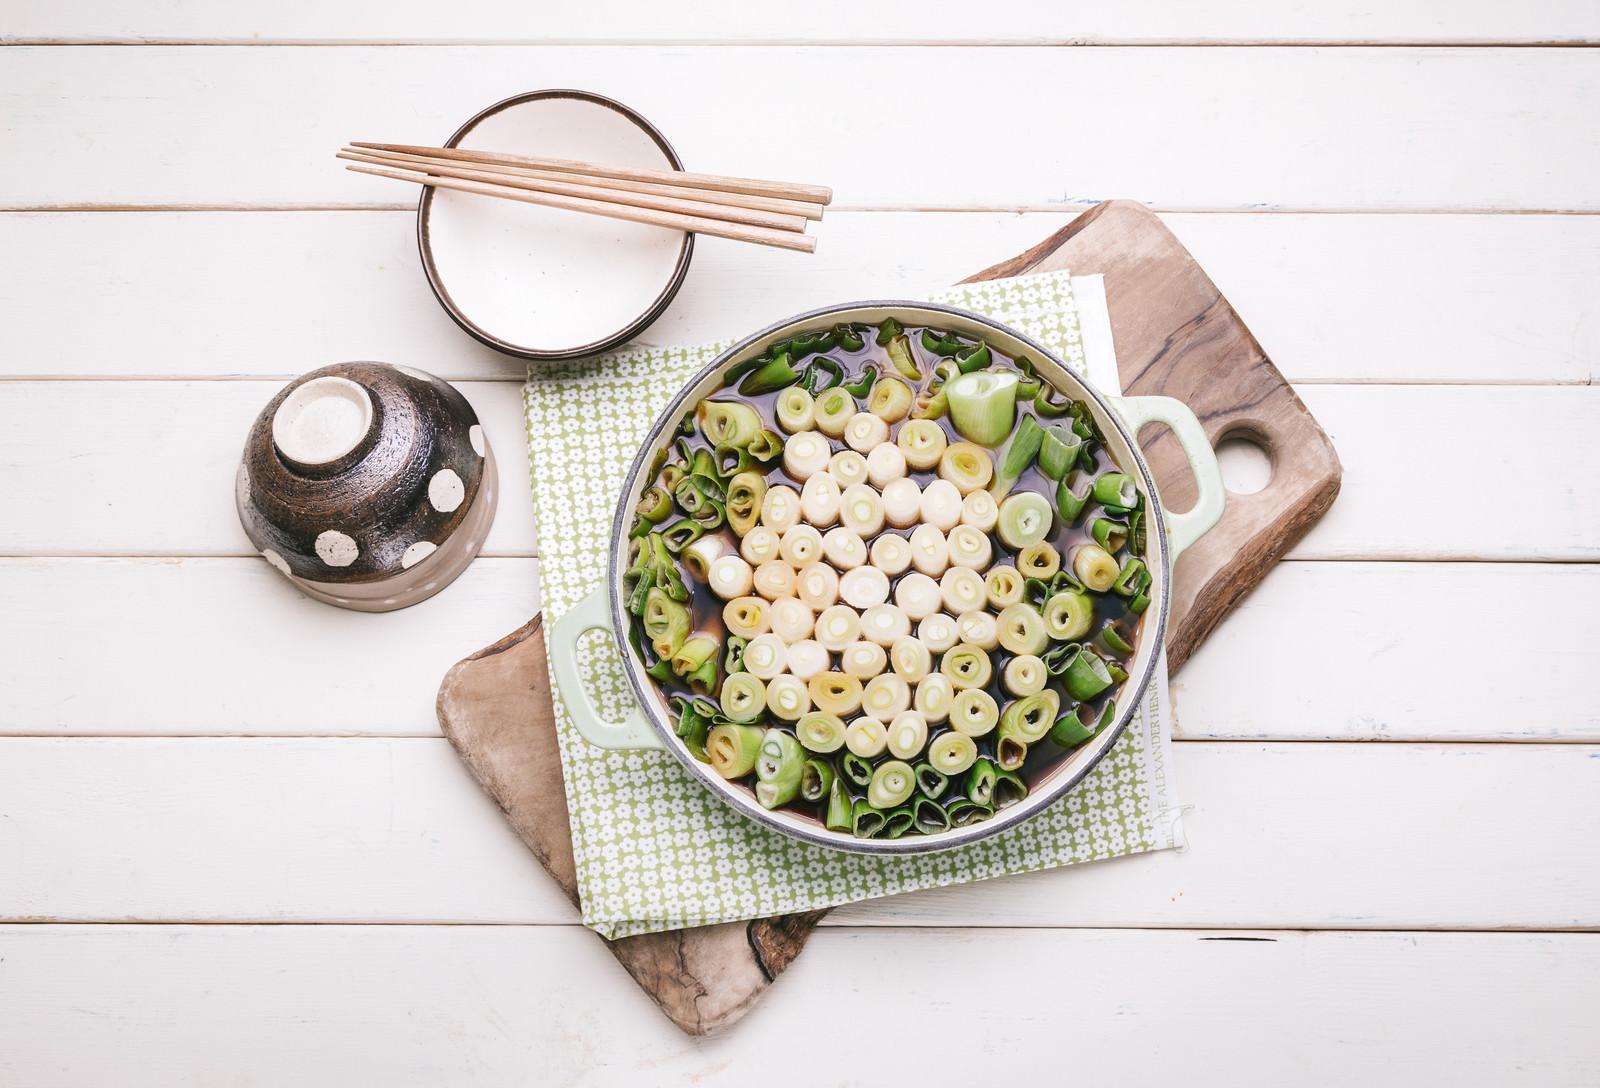 「寒い夜には絶対食べたい「ネギすき鍋」」の写真